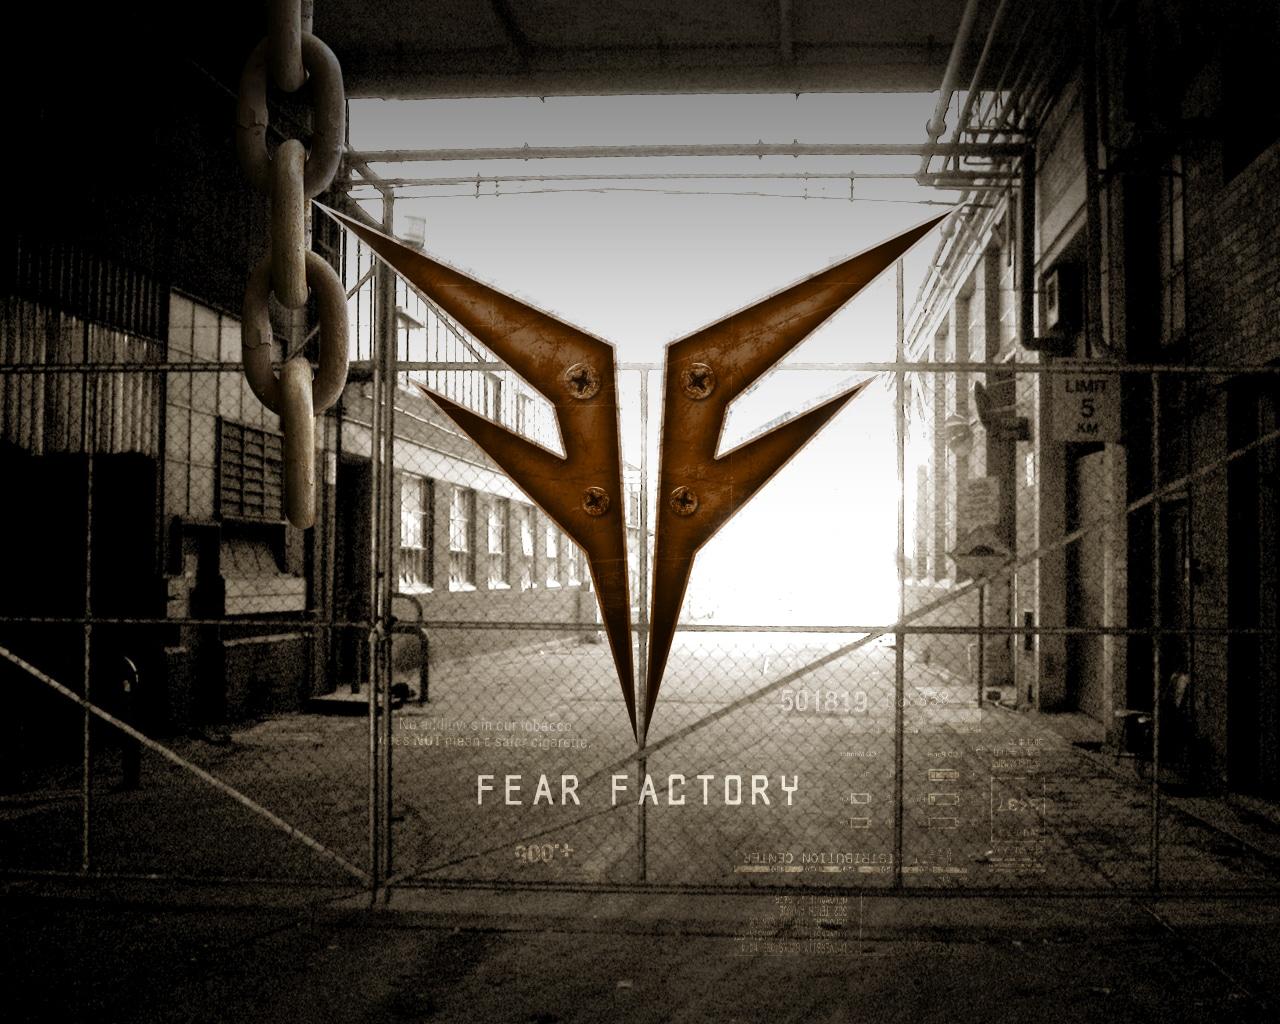 30 августа. Fear Factory. Москва HALL